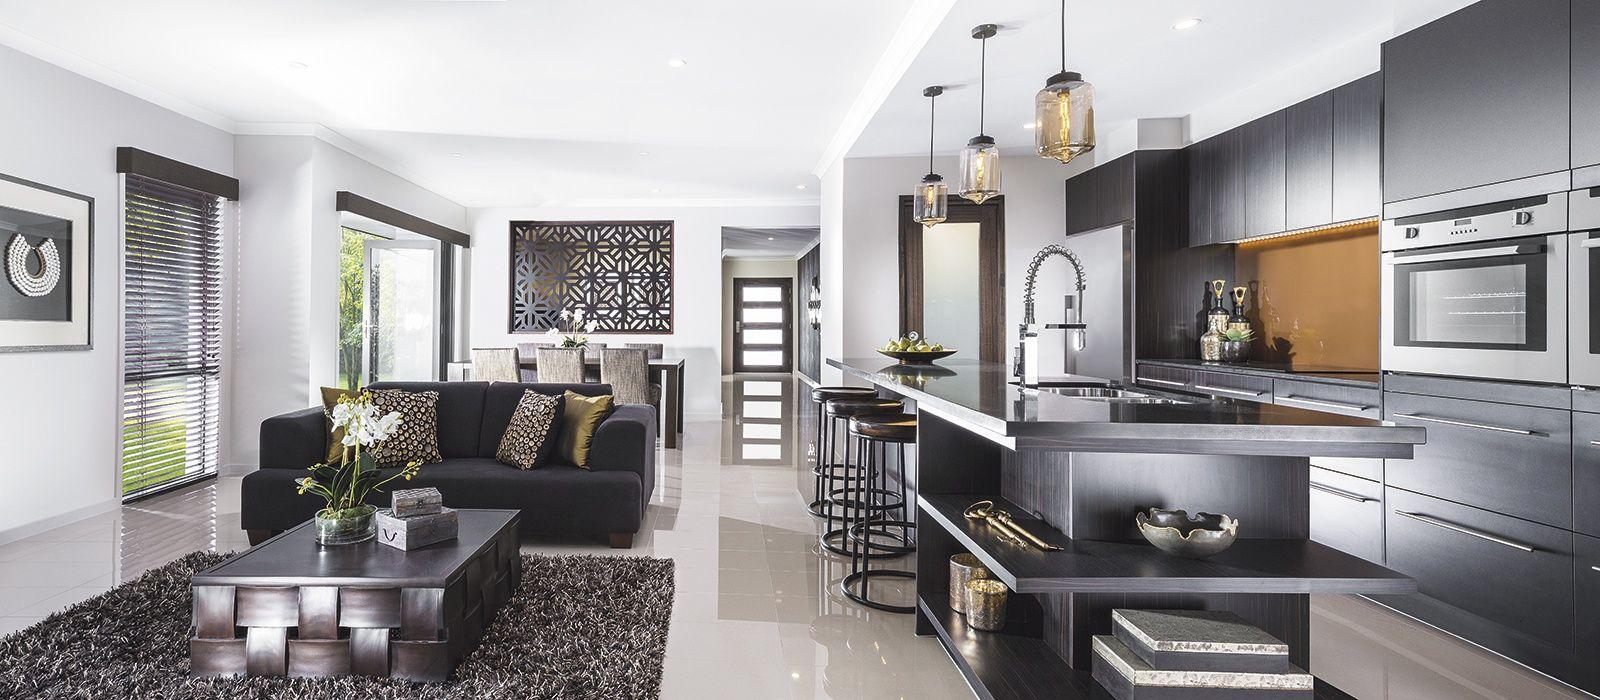 Coral Homes - Home Series Detail | Deco intérieur | Pinterest ...